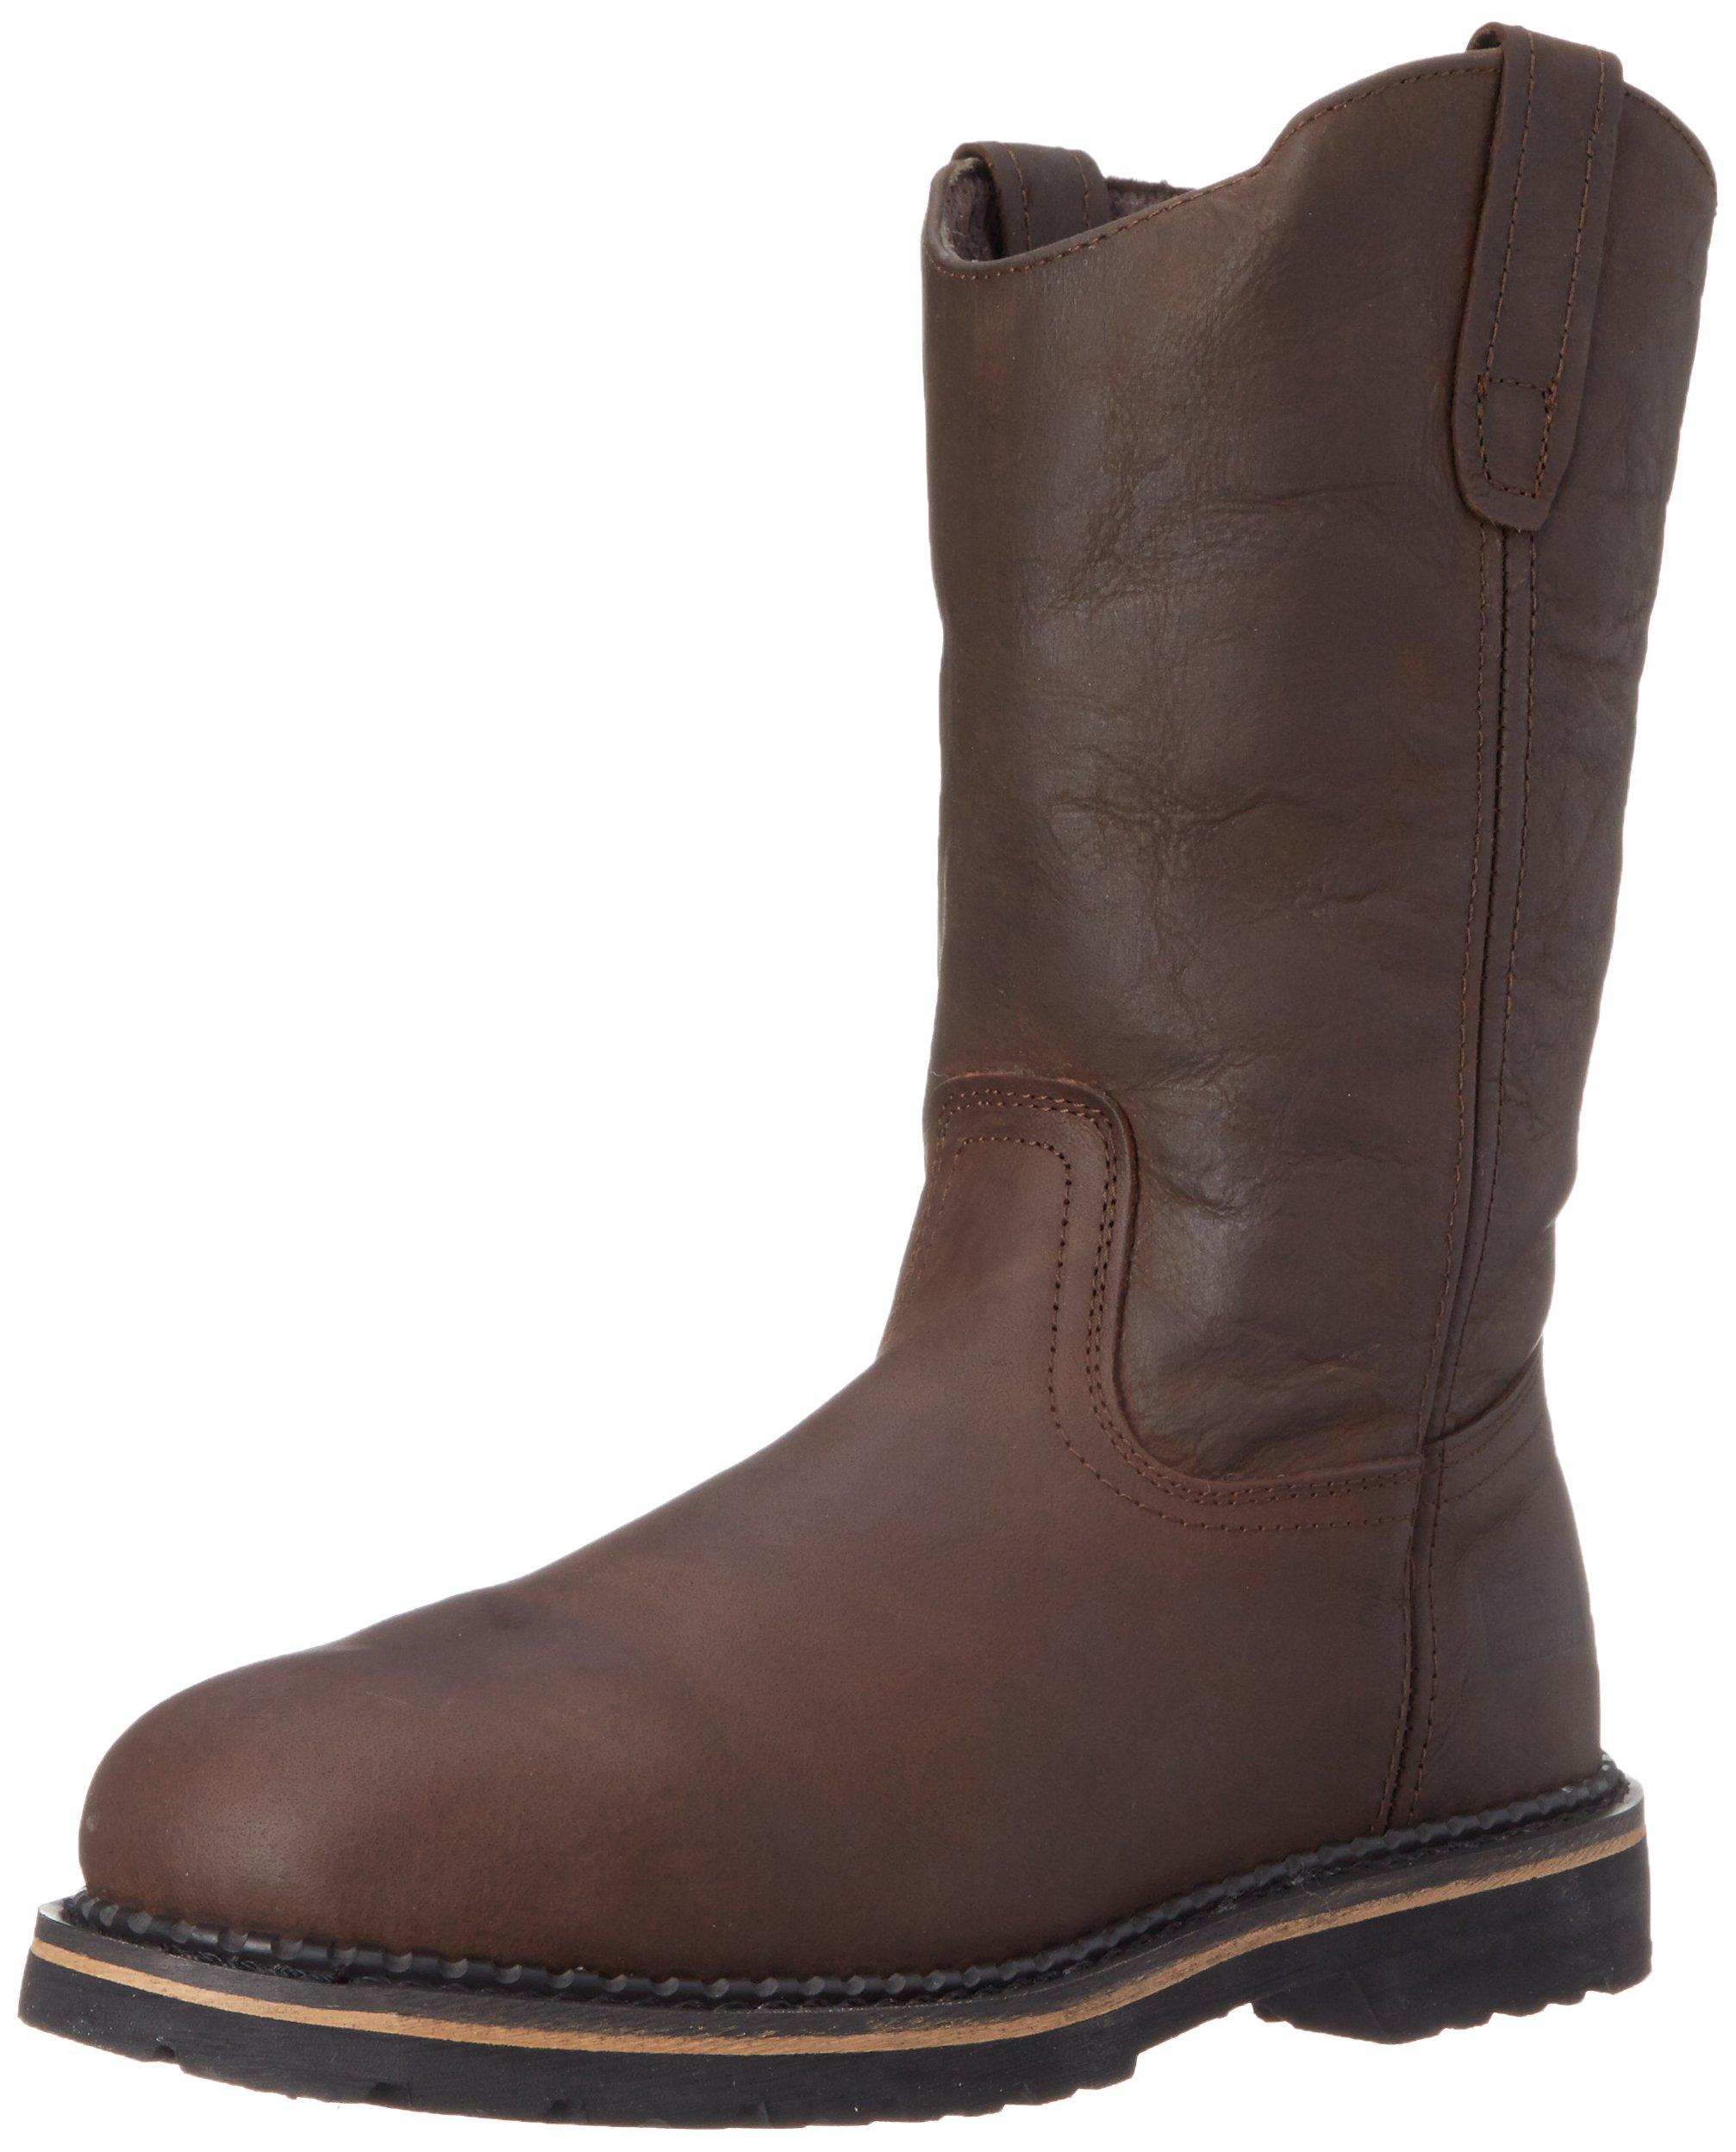 McRae Industrial Men's 11'' Wellington Boots, Dark Brown, 15 2E